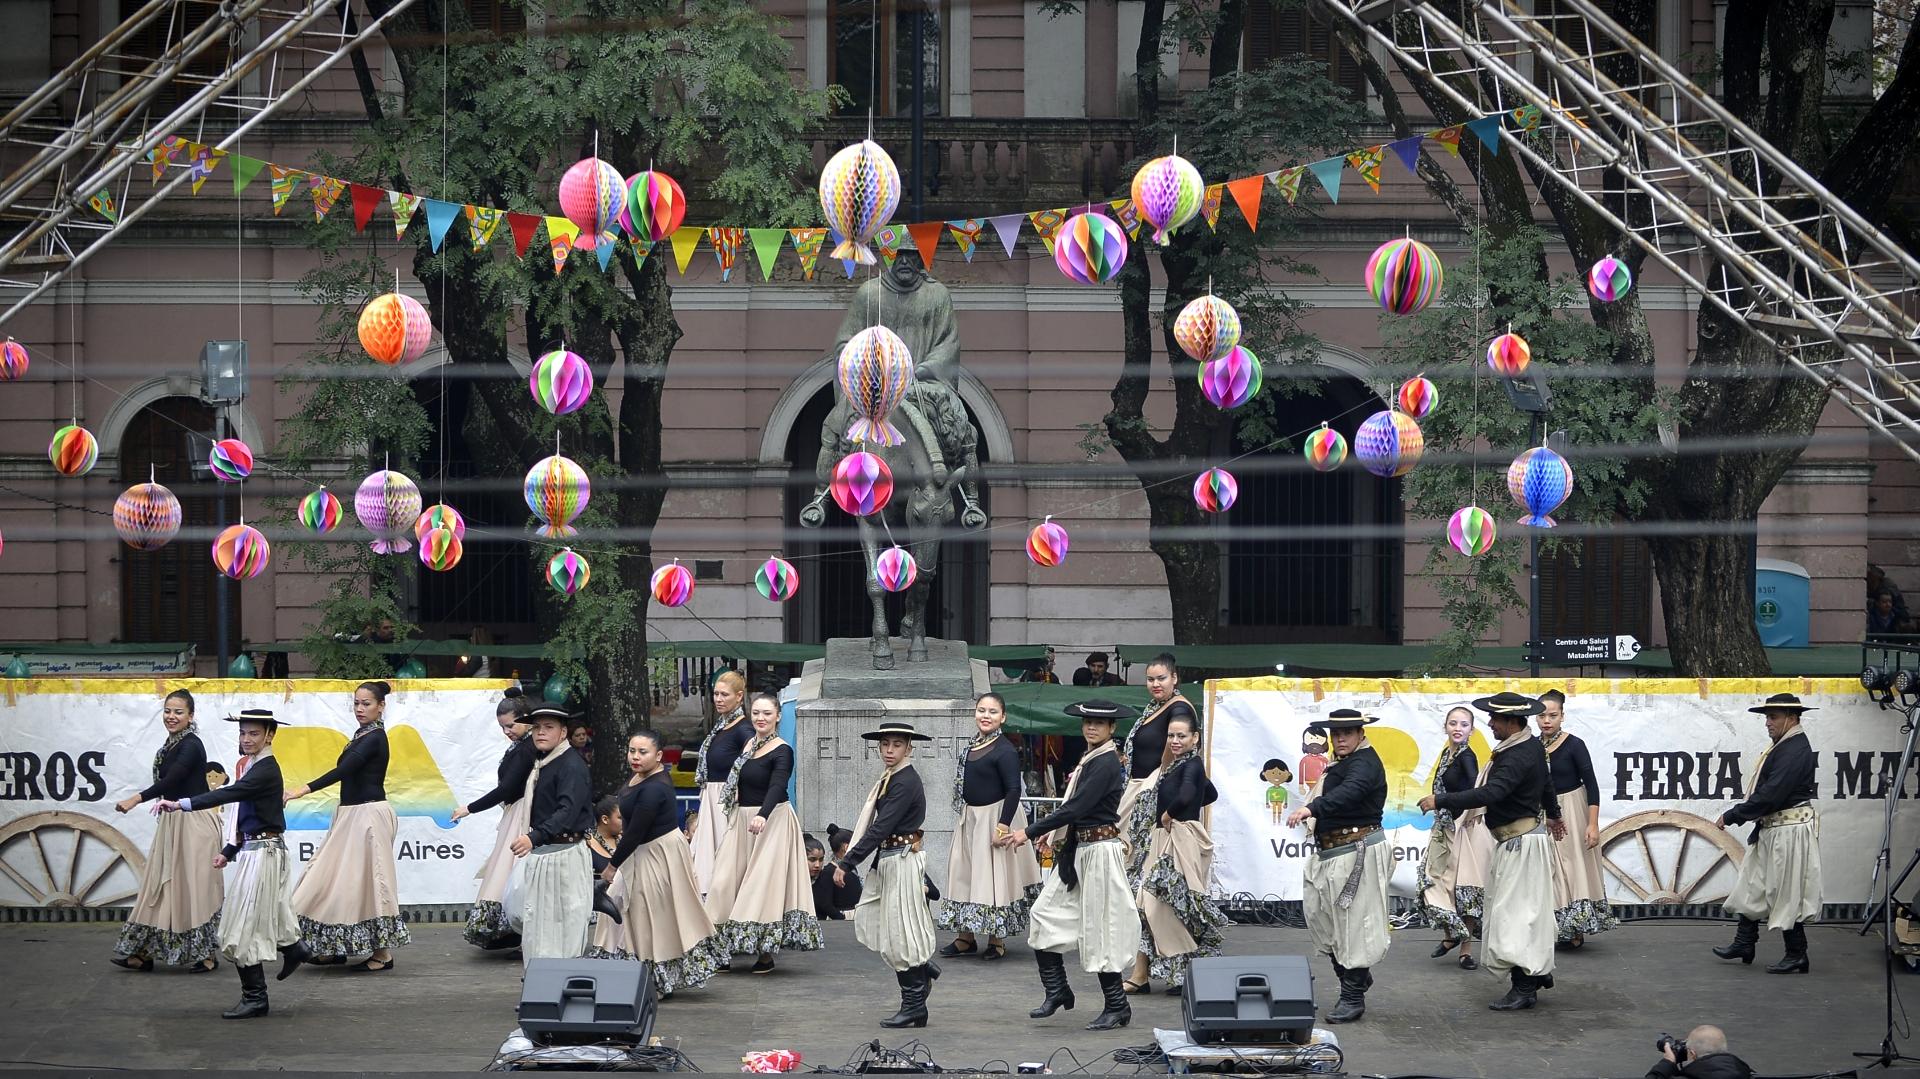 La feria de Mataderos es una de los eventos culturales históricos de la Ciudad de Buenos Aires